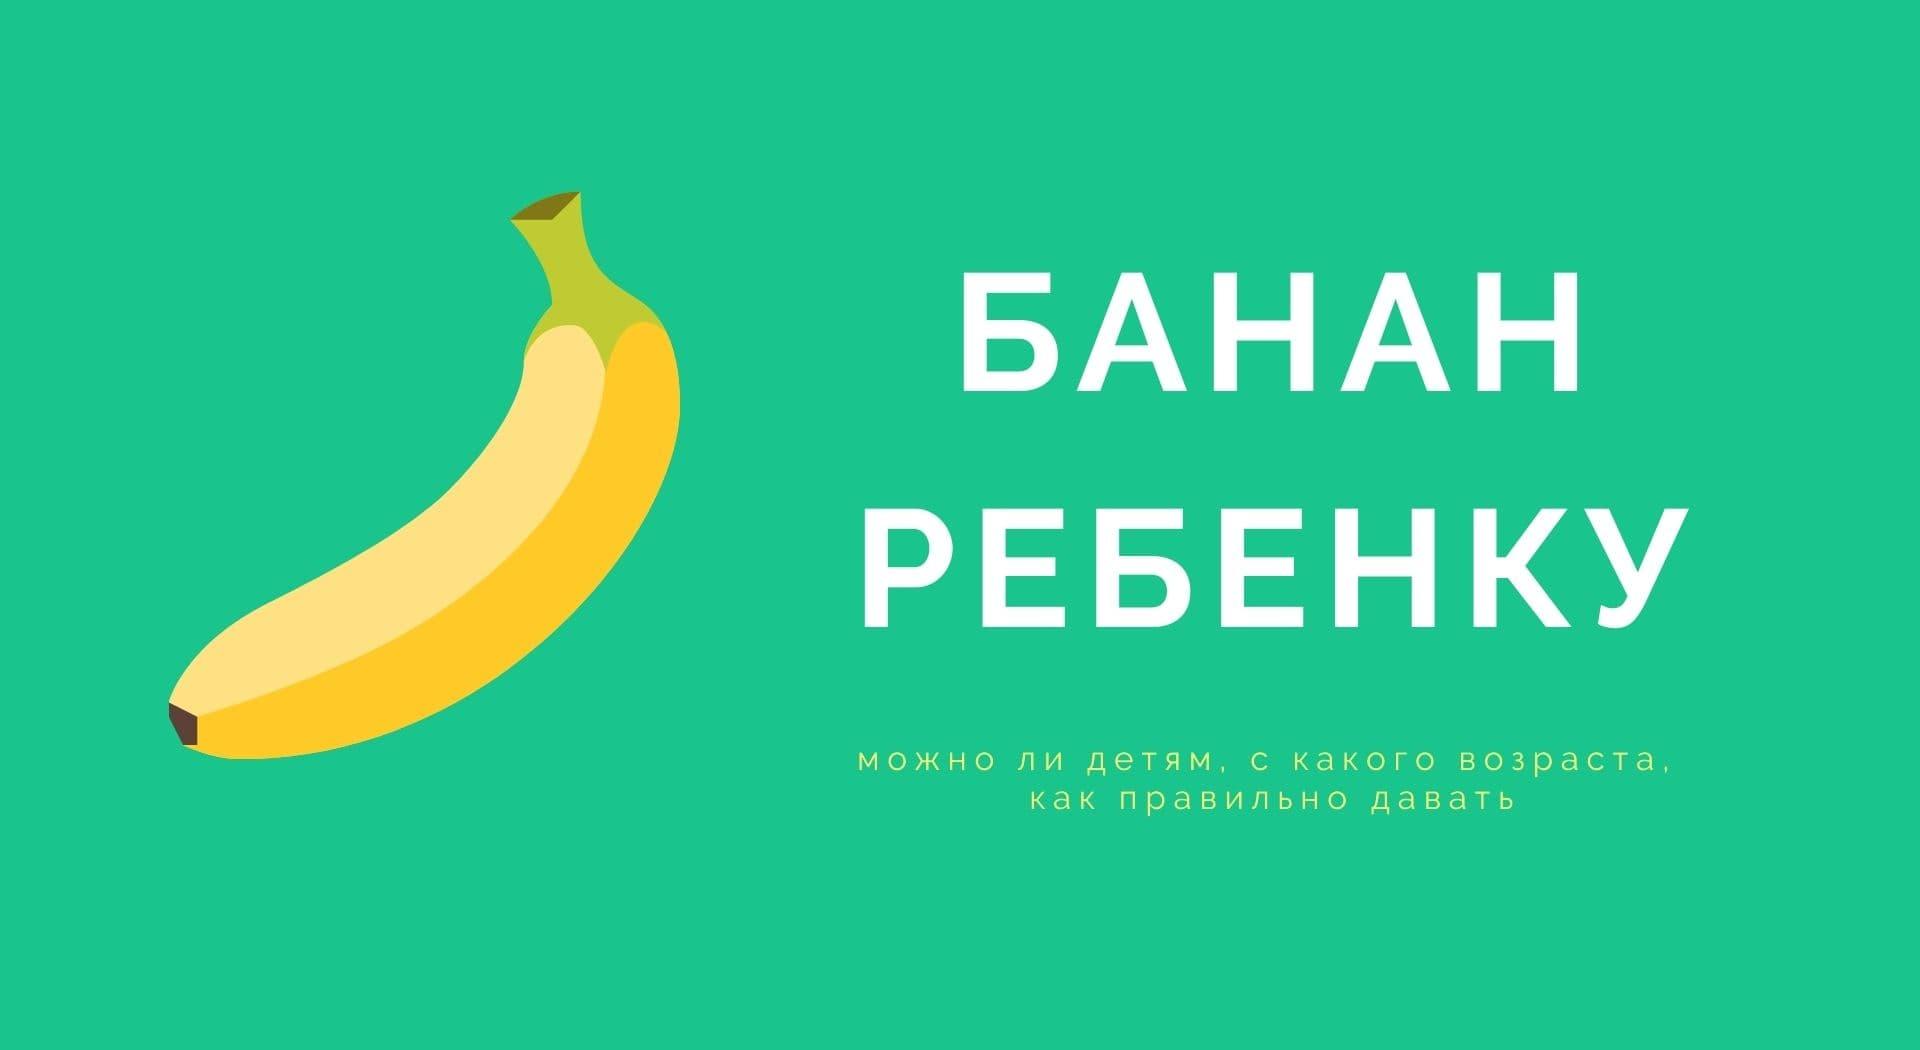 Банан ребенку: можно ли детям, с какого возраста, как правильно давать